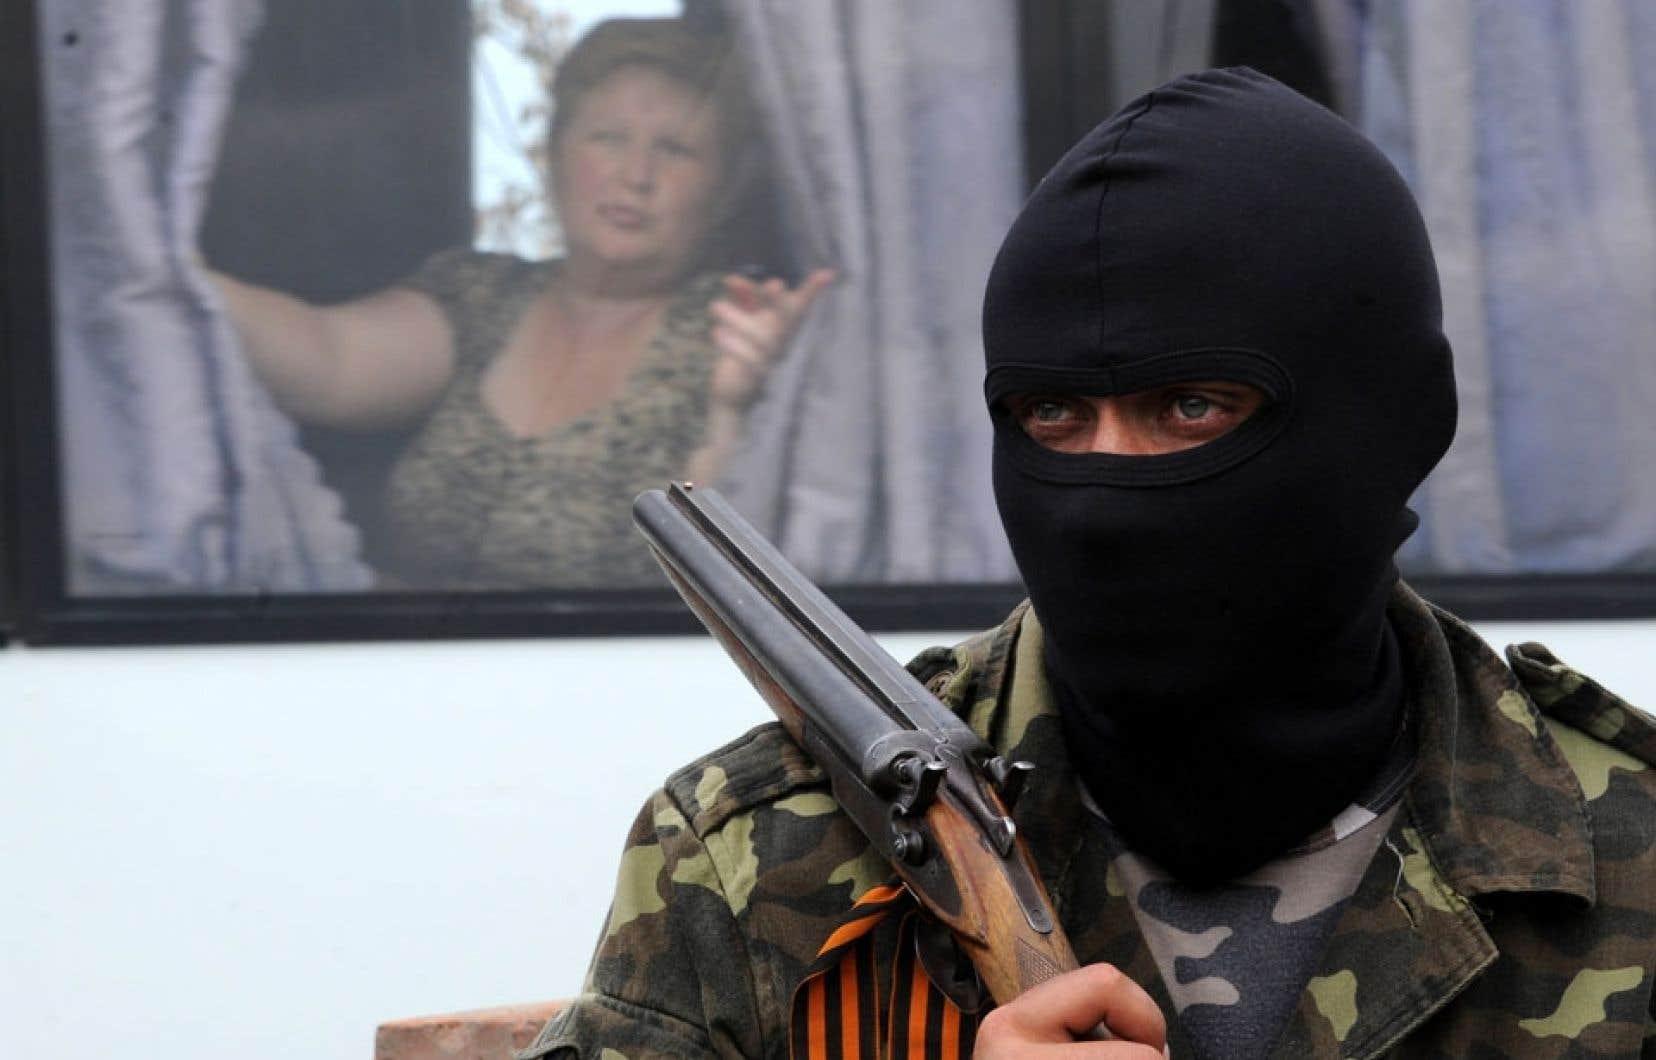 Une scène de la vie quotidienne à Slavyansk.